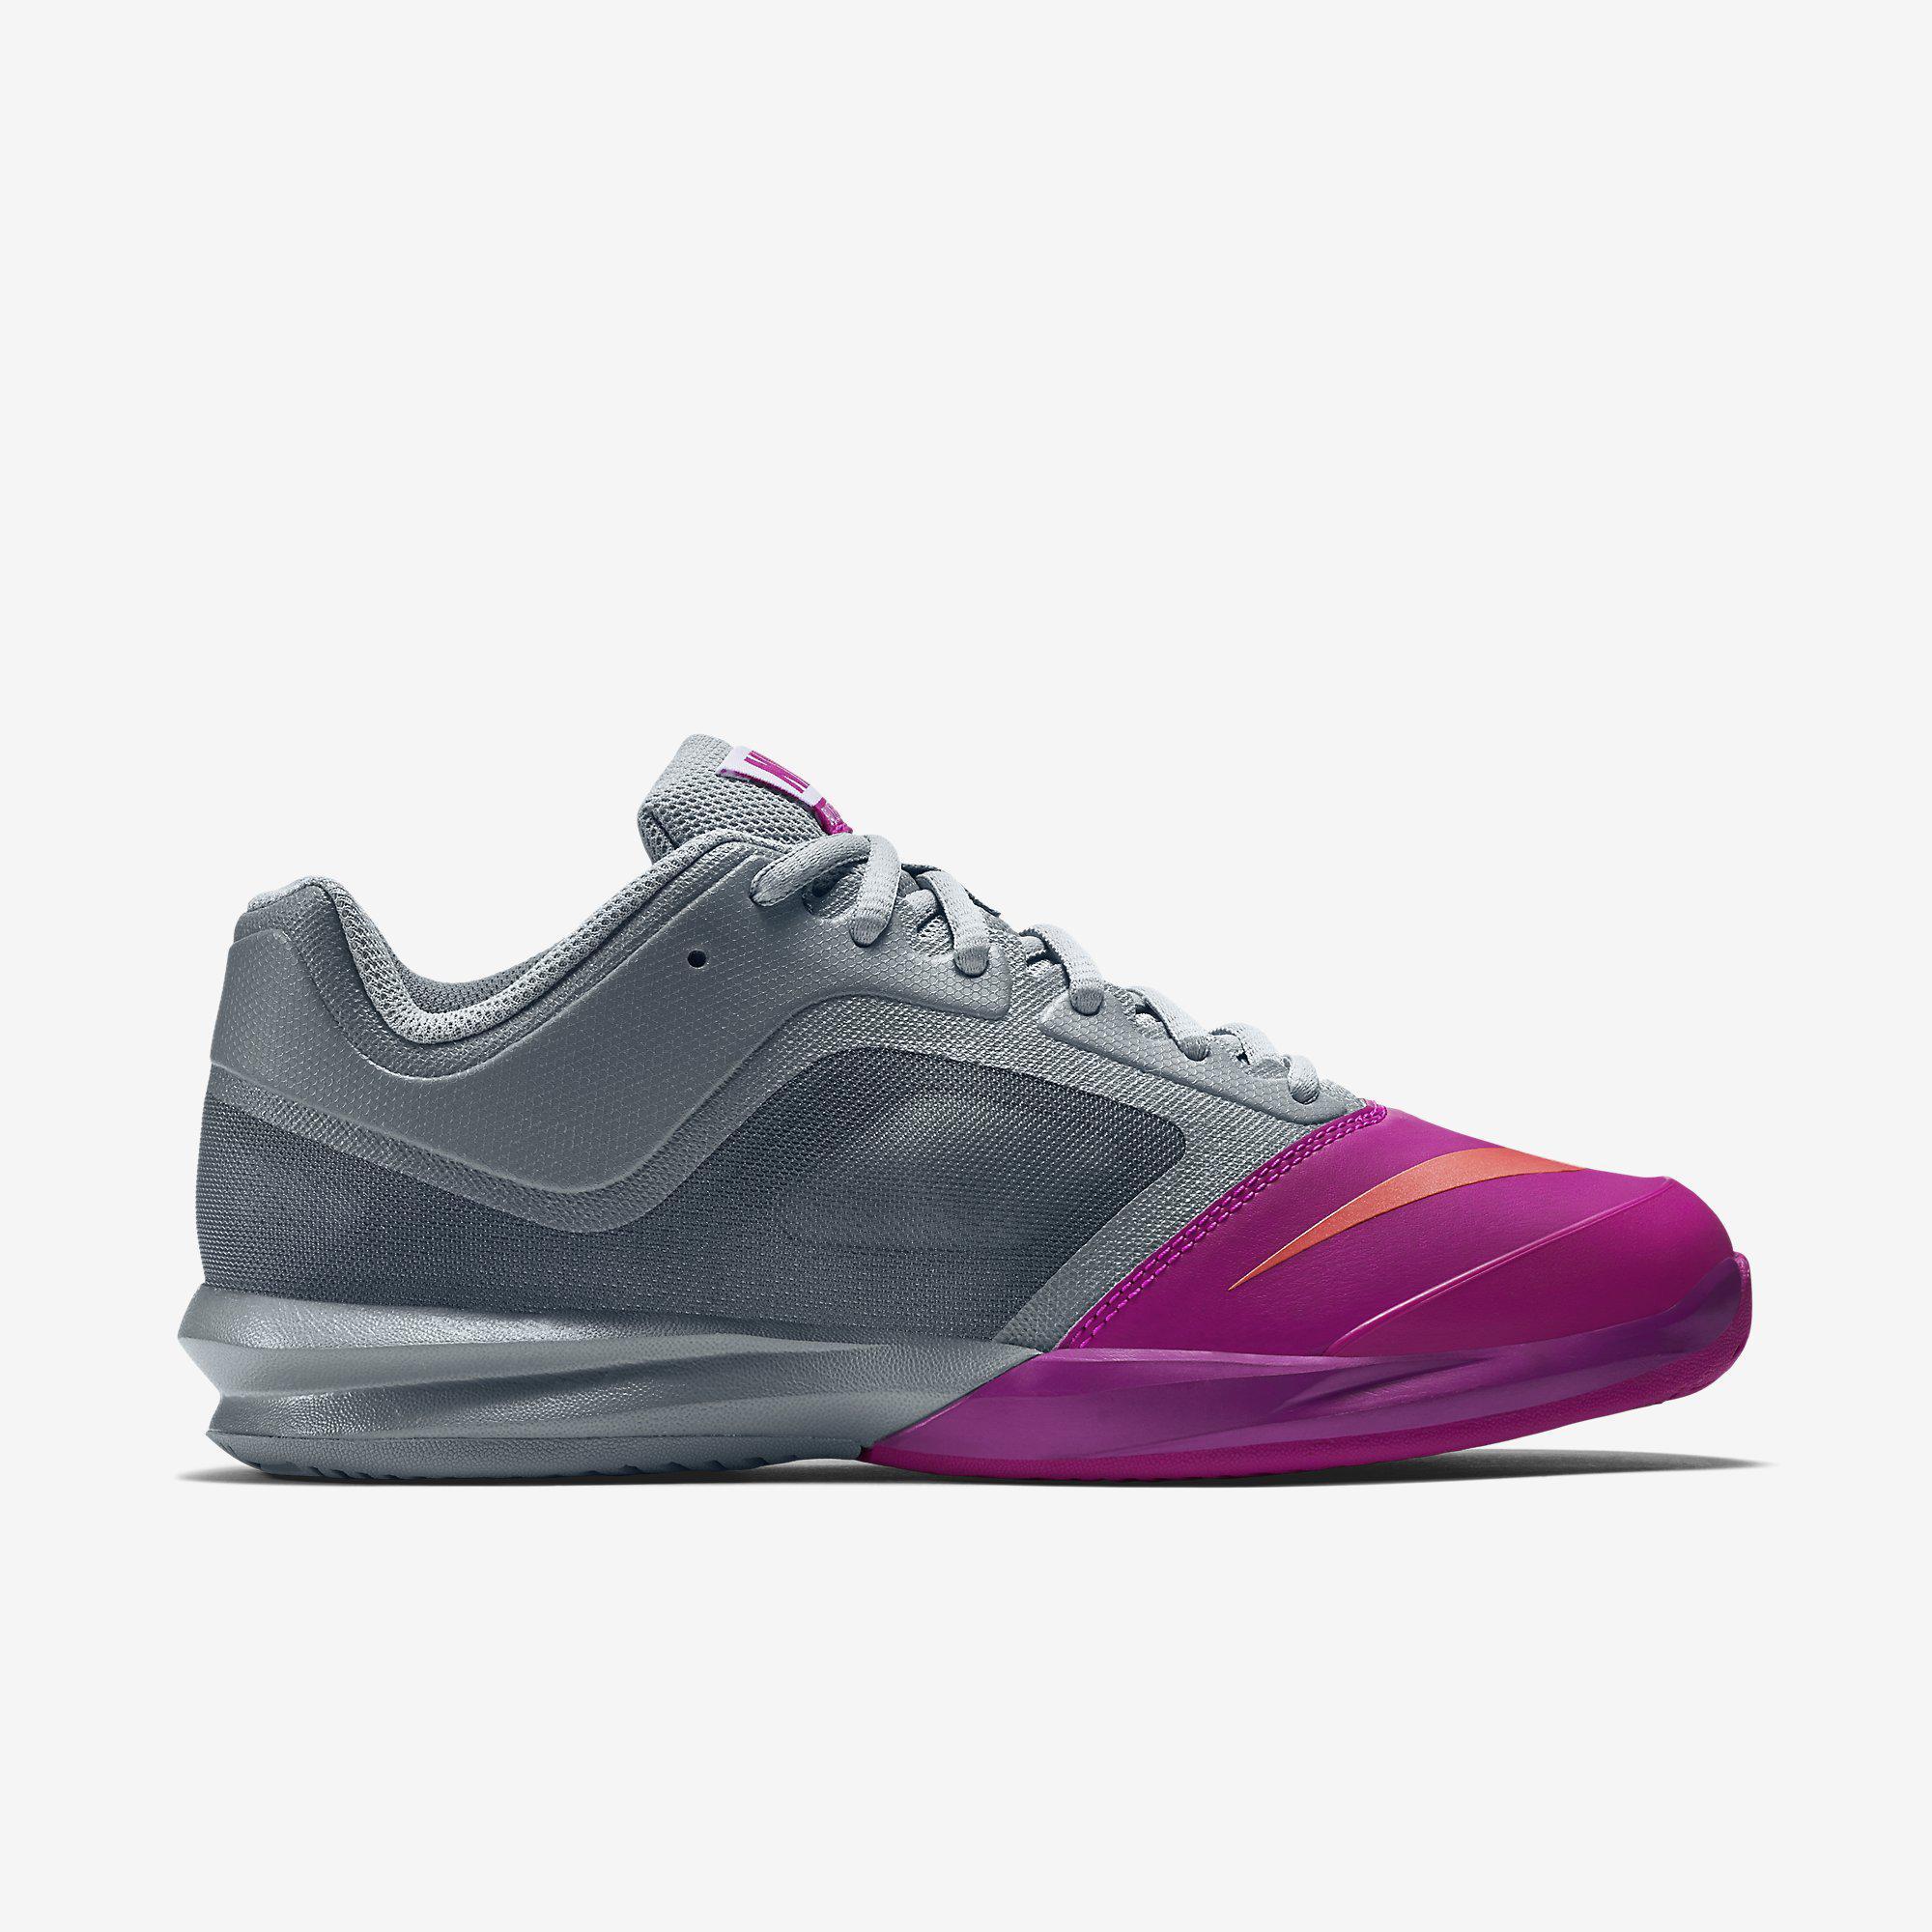 purchase cheap 63899 50bfa Nike Womens Dual Fusion Ballistec Advantage Tennis Shoes - Dove  Grey Fuchsia Flash - Tennisnuts.com